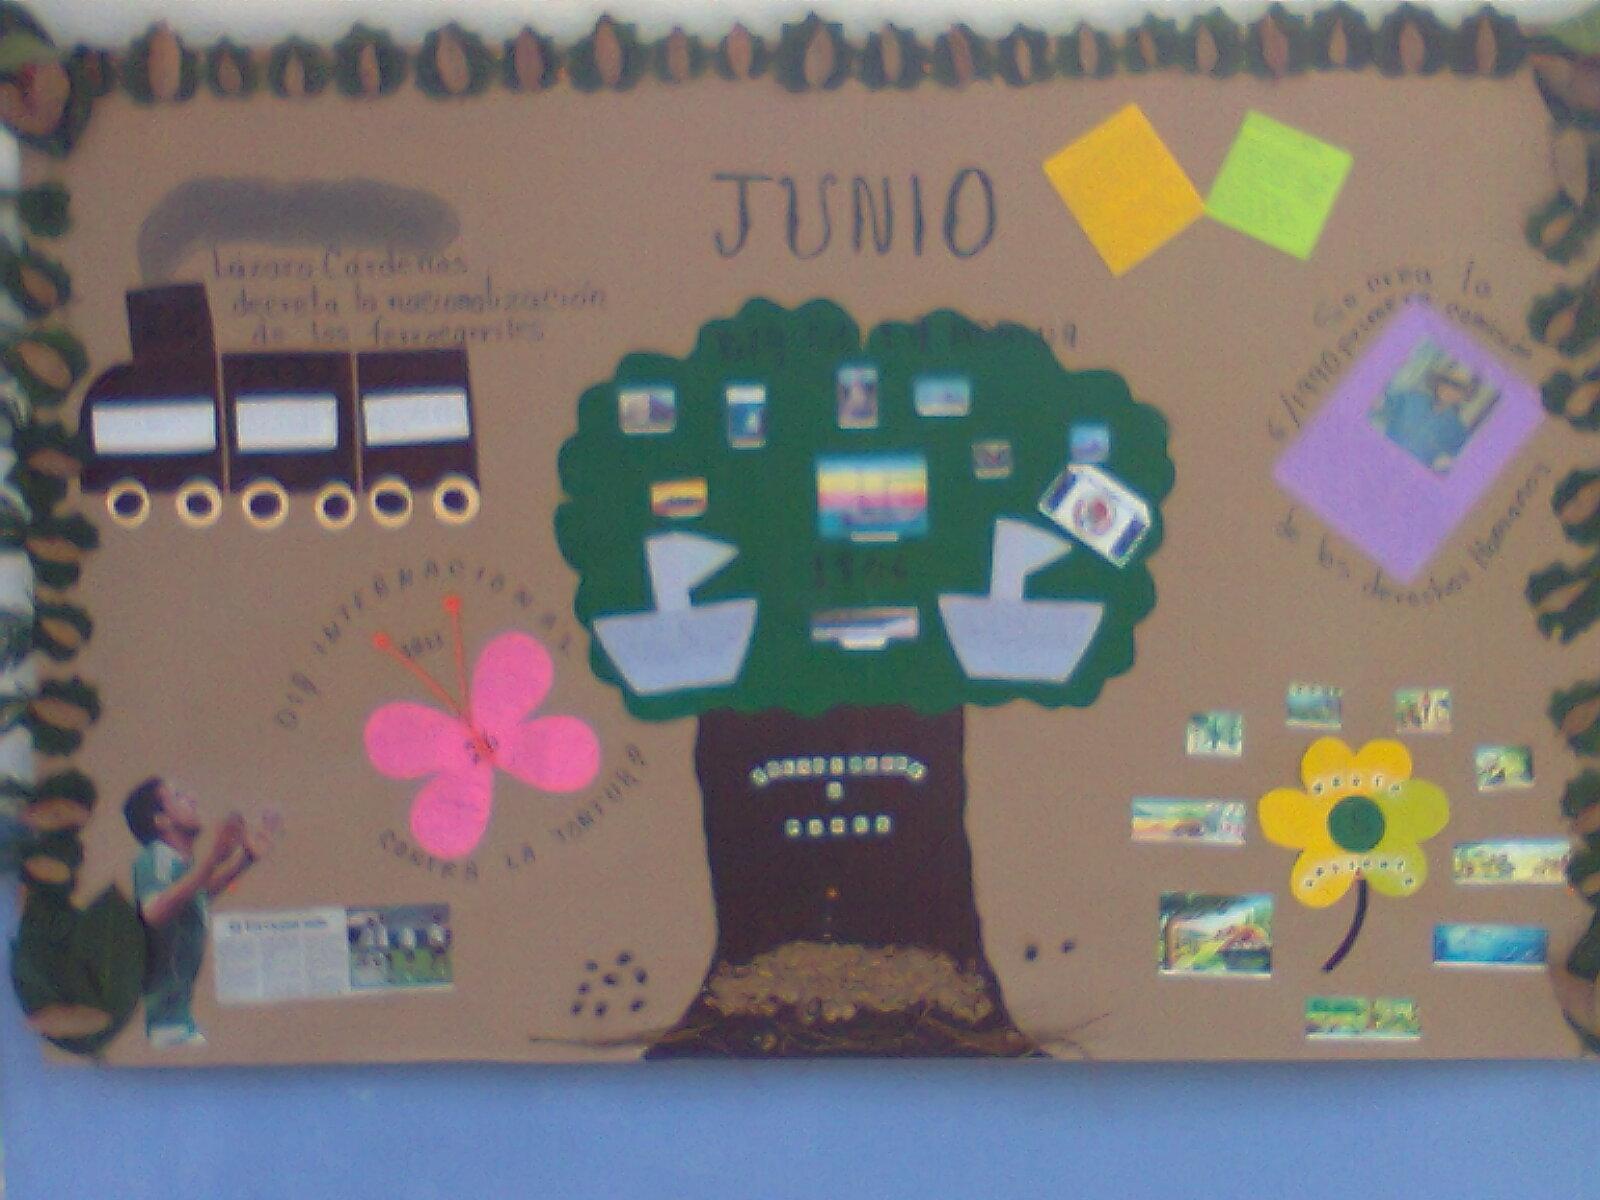 Peri dico mural mes de junio 2 imagenes educativas for Concepto de periodico mural